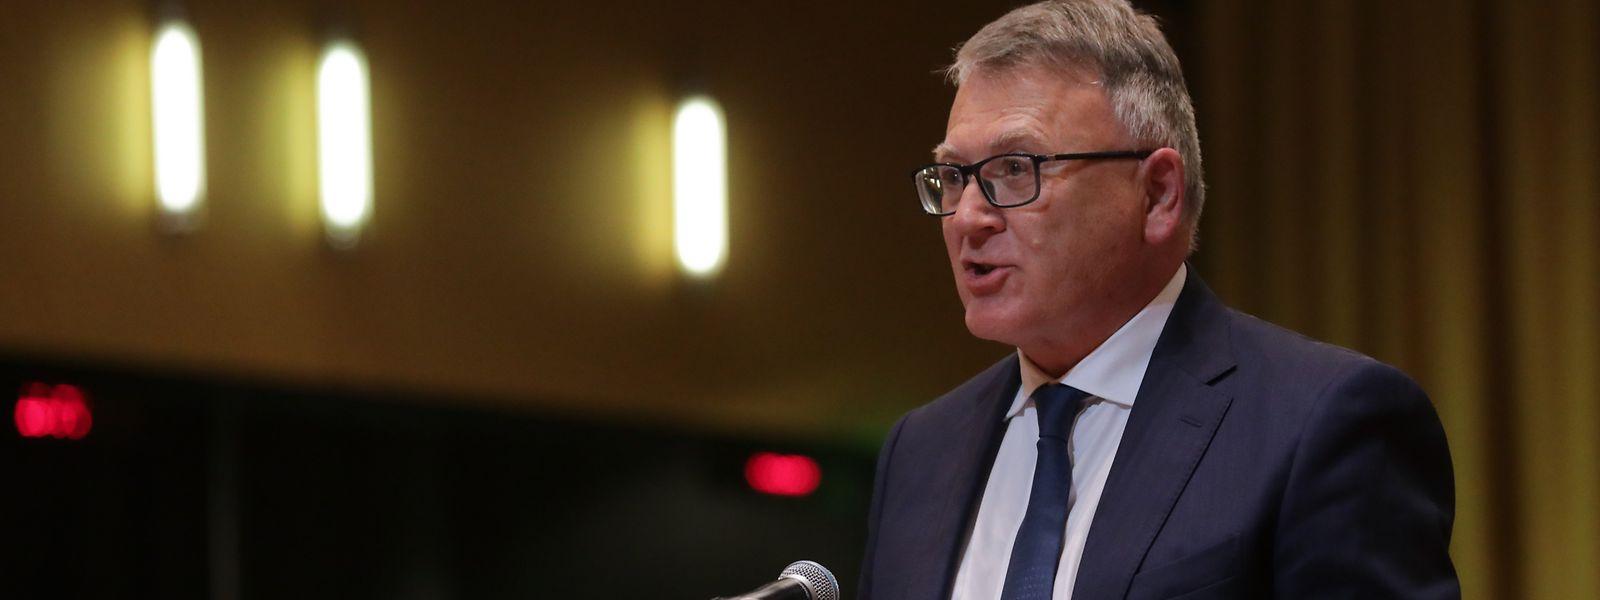 EU-Sozial-Kommissar Nicolas Schmit will faire Löhne in der EU. Doch ist der genaue Weg, um dies zu erreichen, bislang unklar.